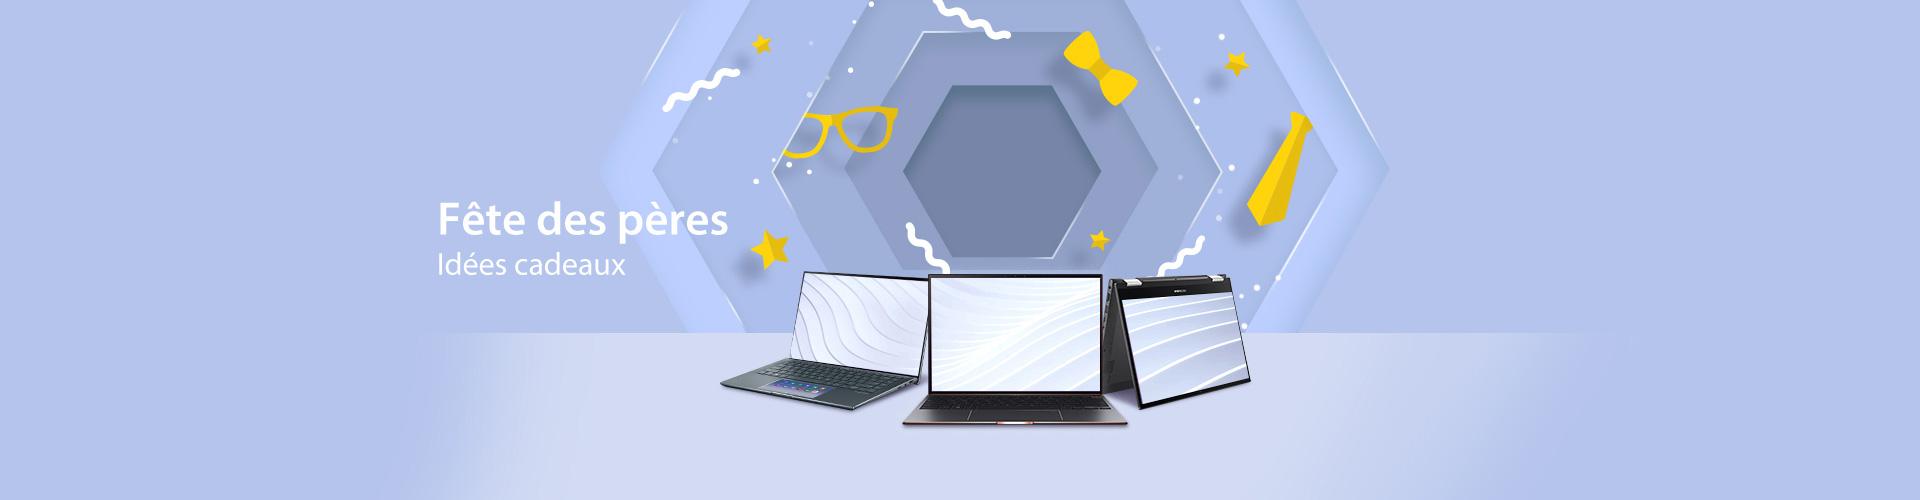 Fête des pères sélection de PC portables et PC all in one par ASUS